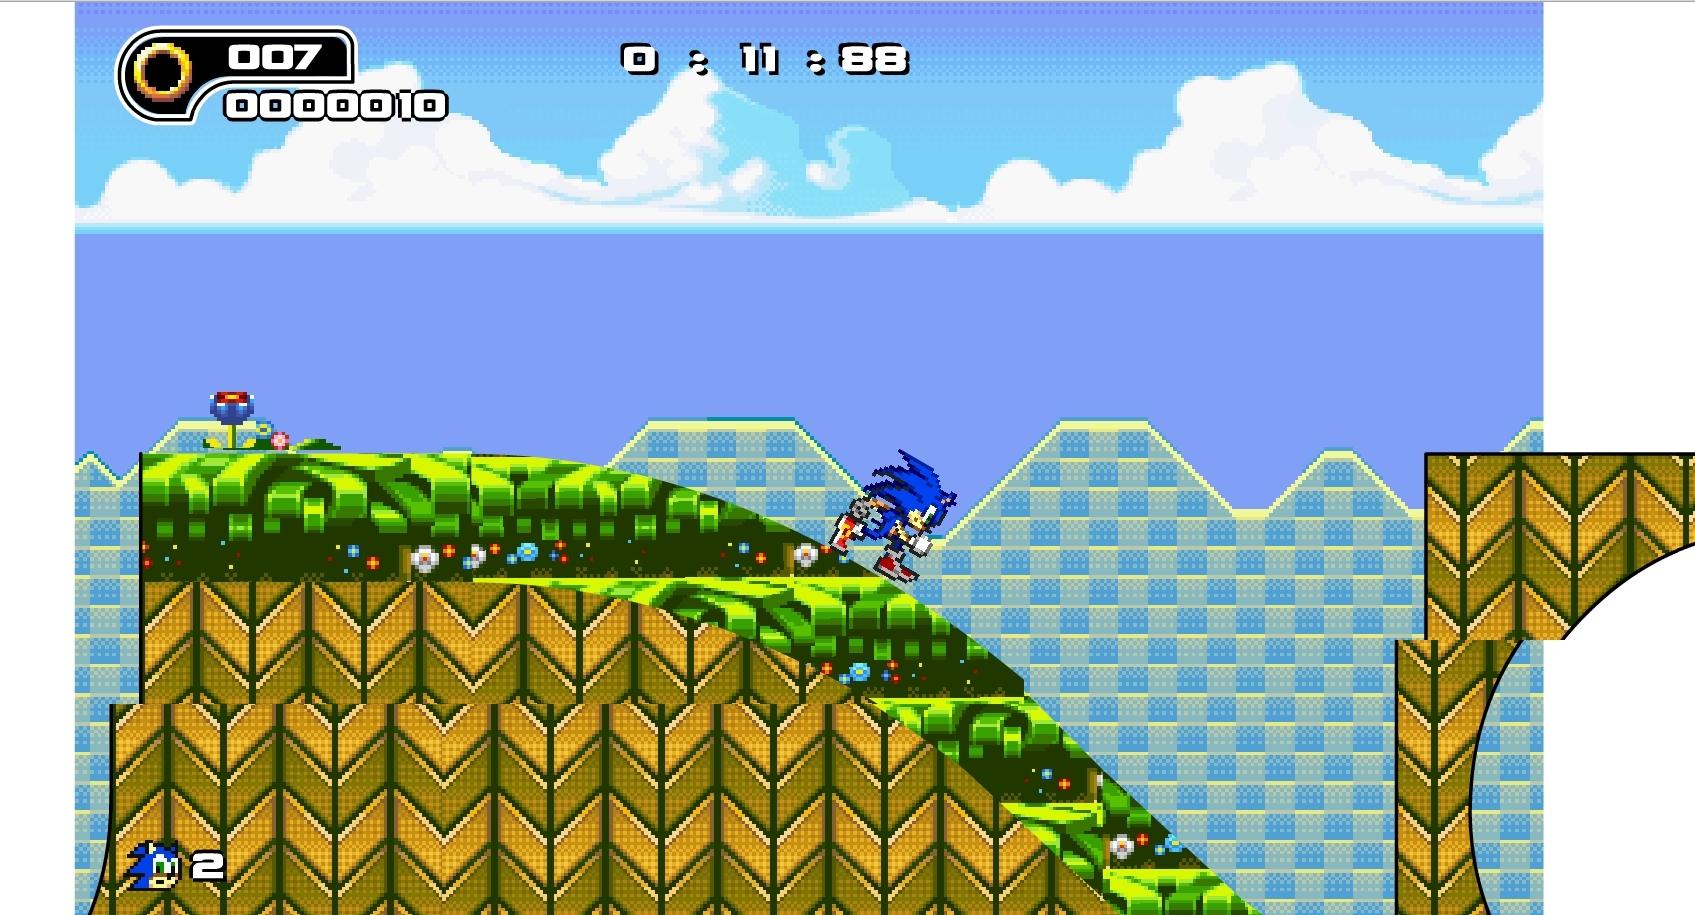 Jeu sonic ultimate flash gratuit en ligne - Sonic gratuit ...